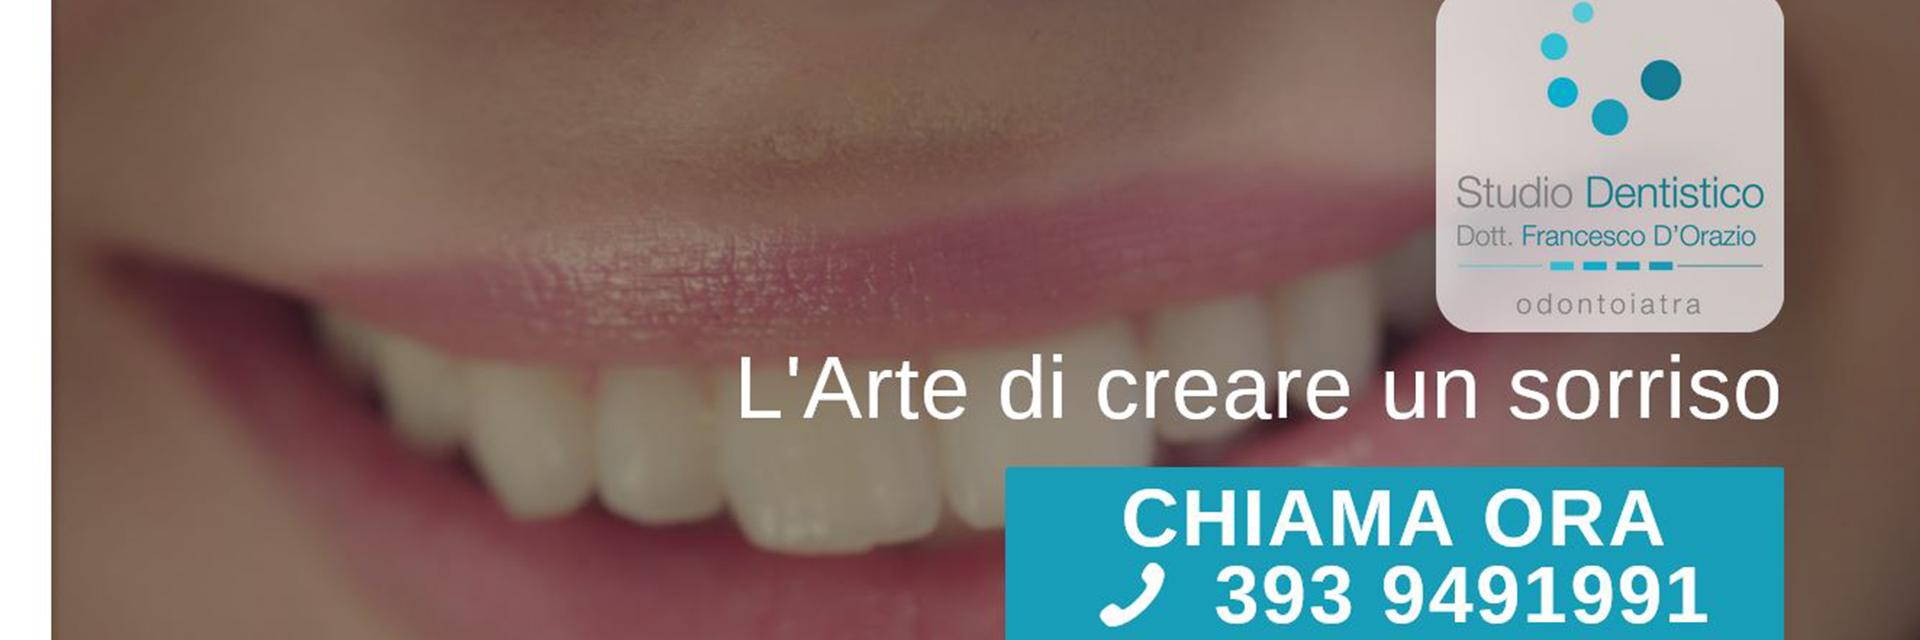 screen-studio-dentistico-dorazio